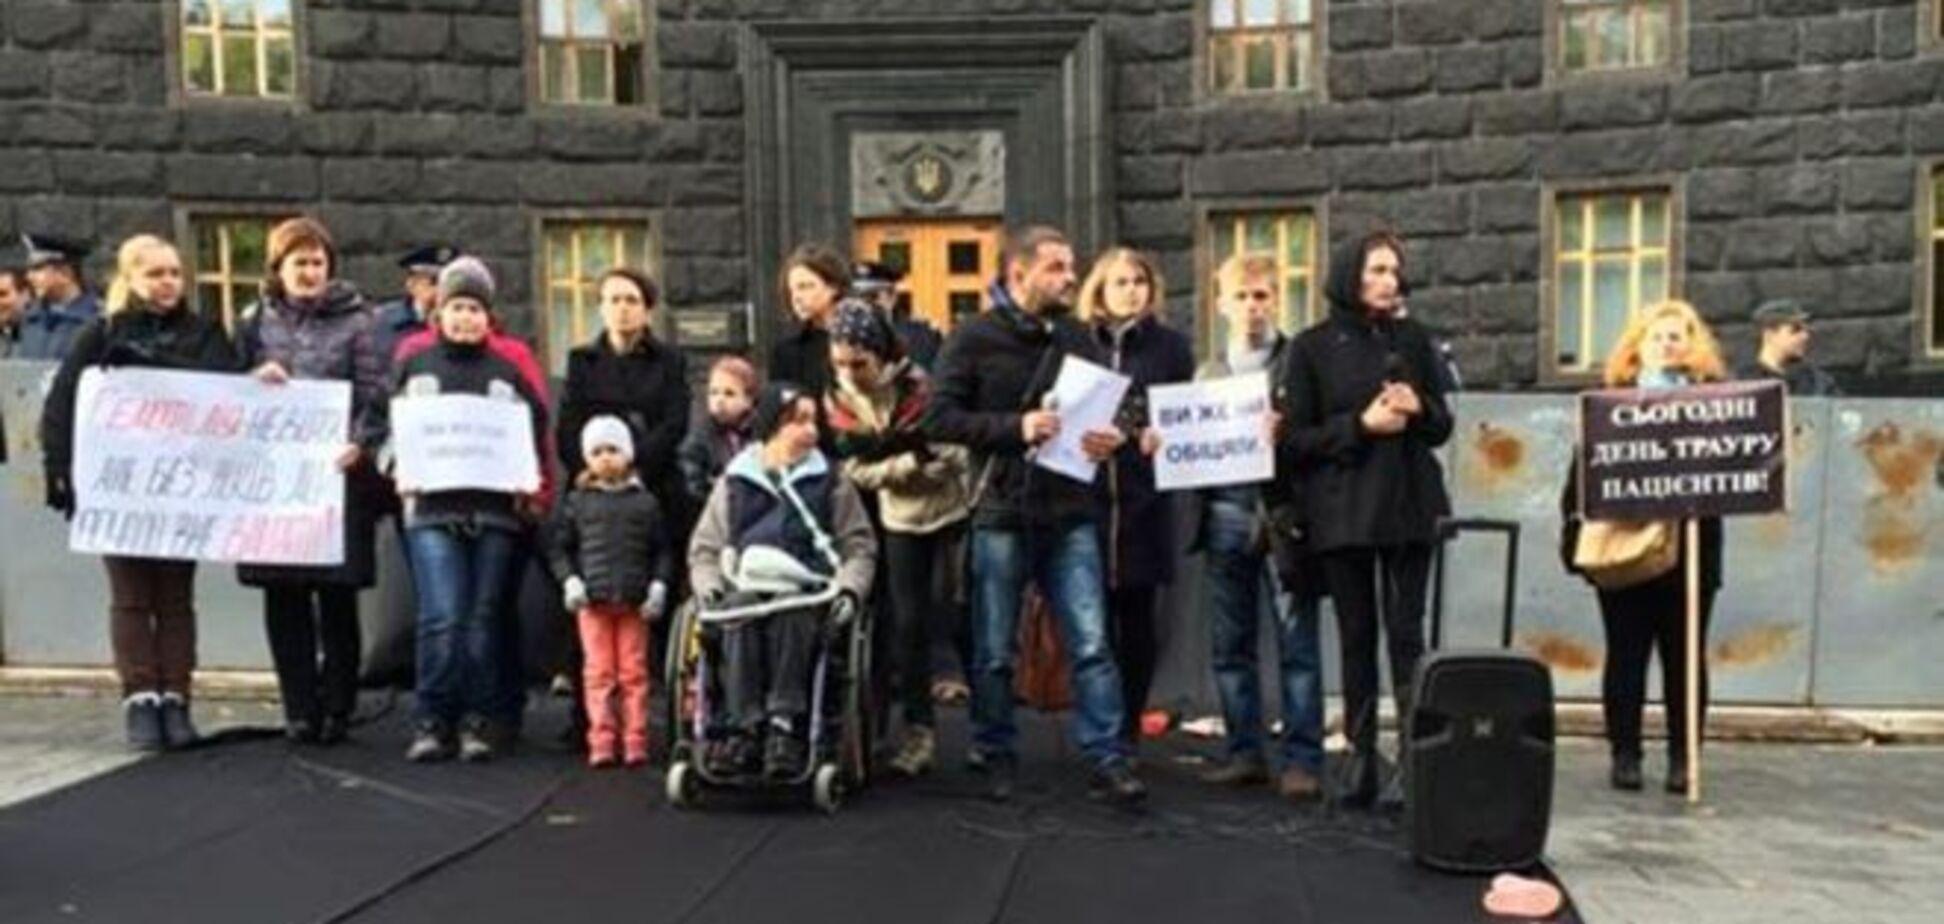 Волонтеры рассказали о злоупотреблениях Богатыревой, за которые ее могли объявить в розыск